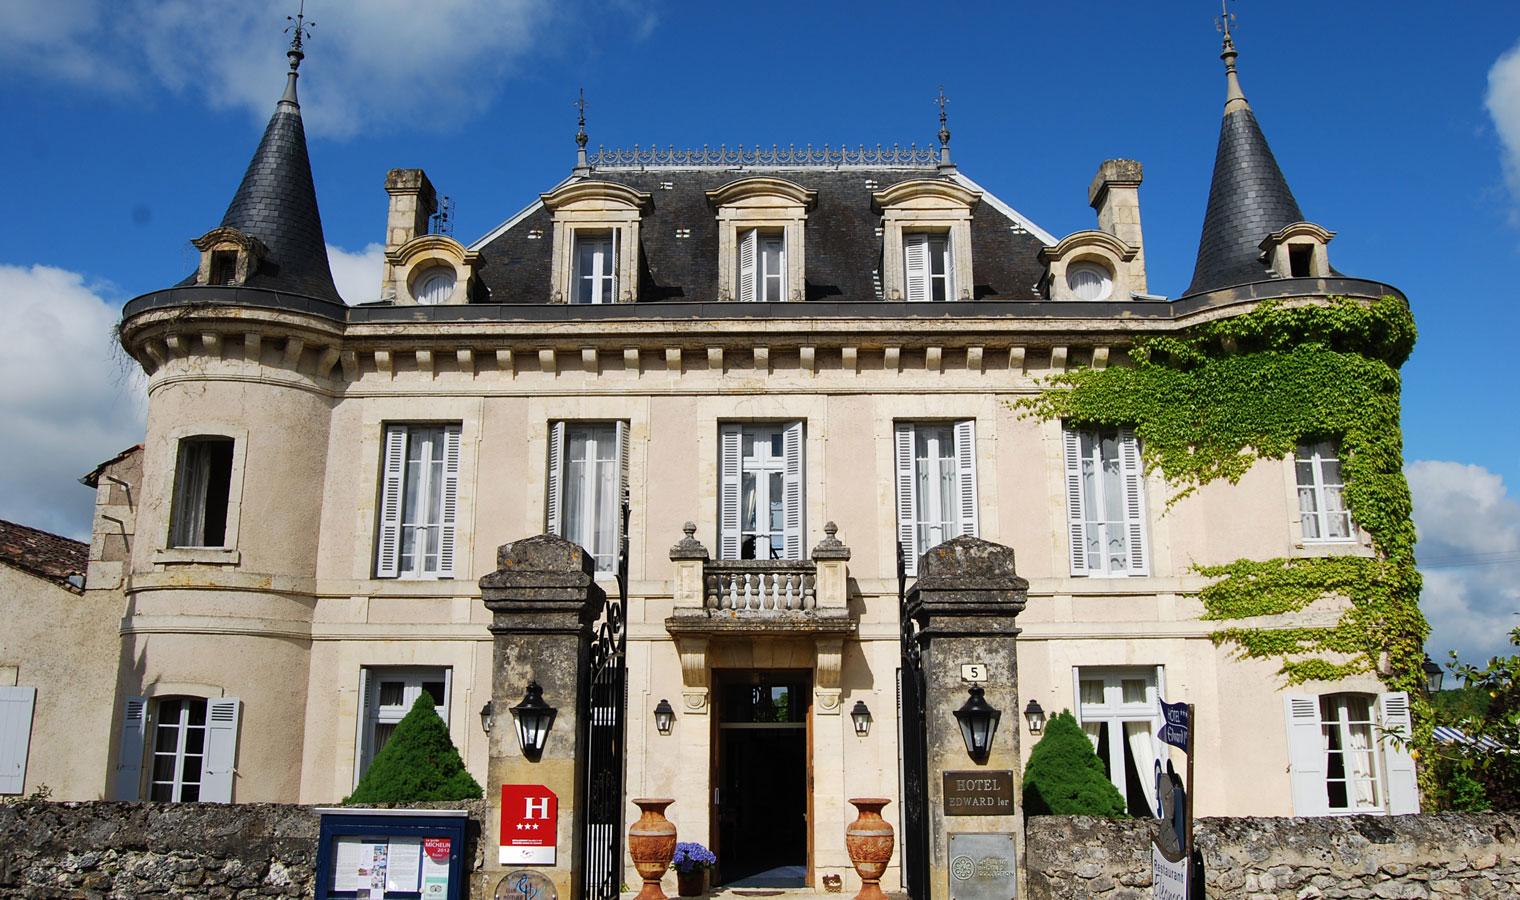 1-Facade-Hotel-Edward1er-Dordogne_